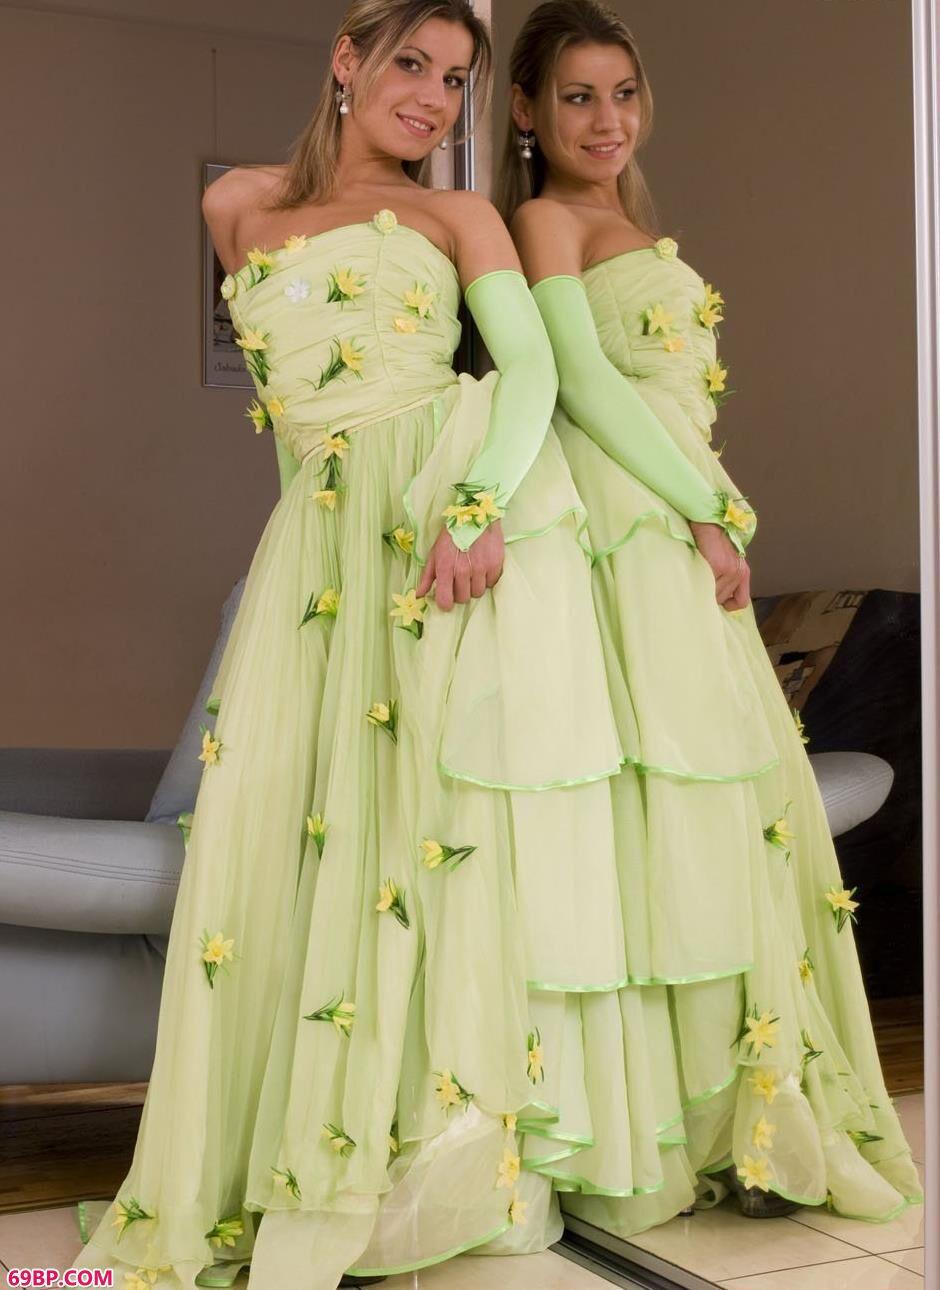 美模Gloria在镜子前穿婚纱拍人体1_gogo欧美女性人体艺术图片